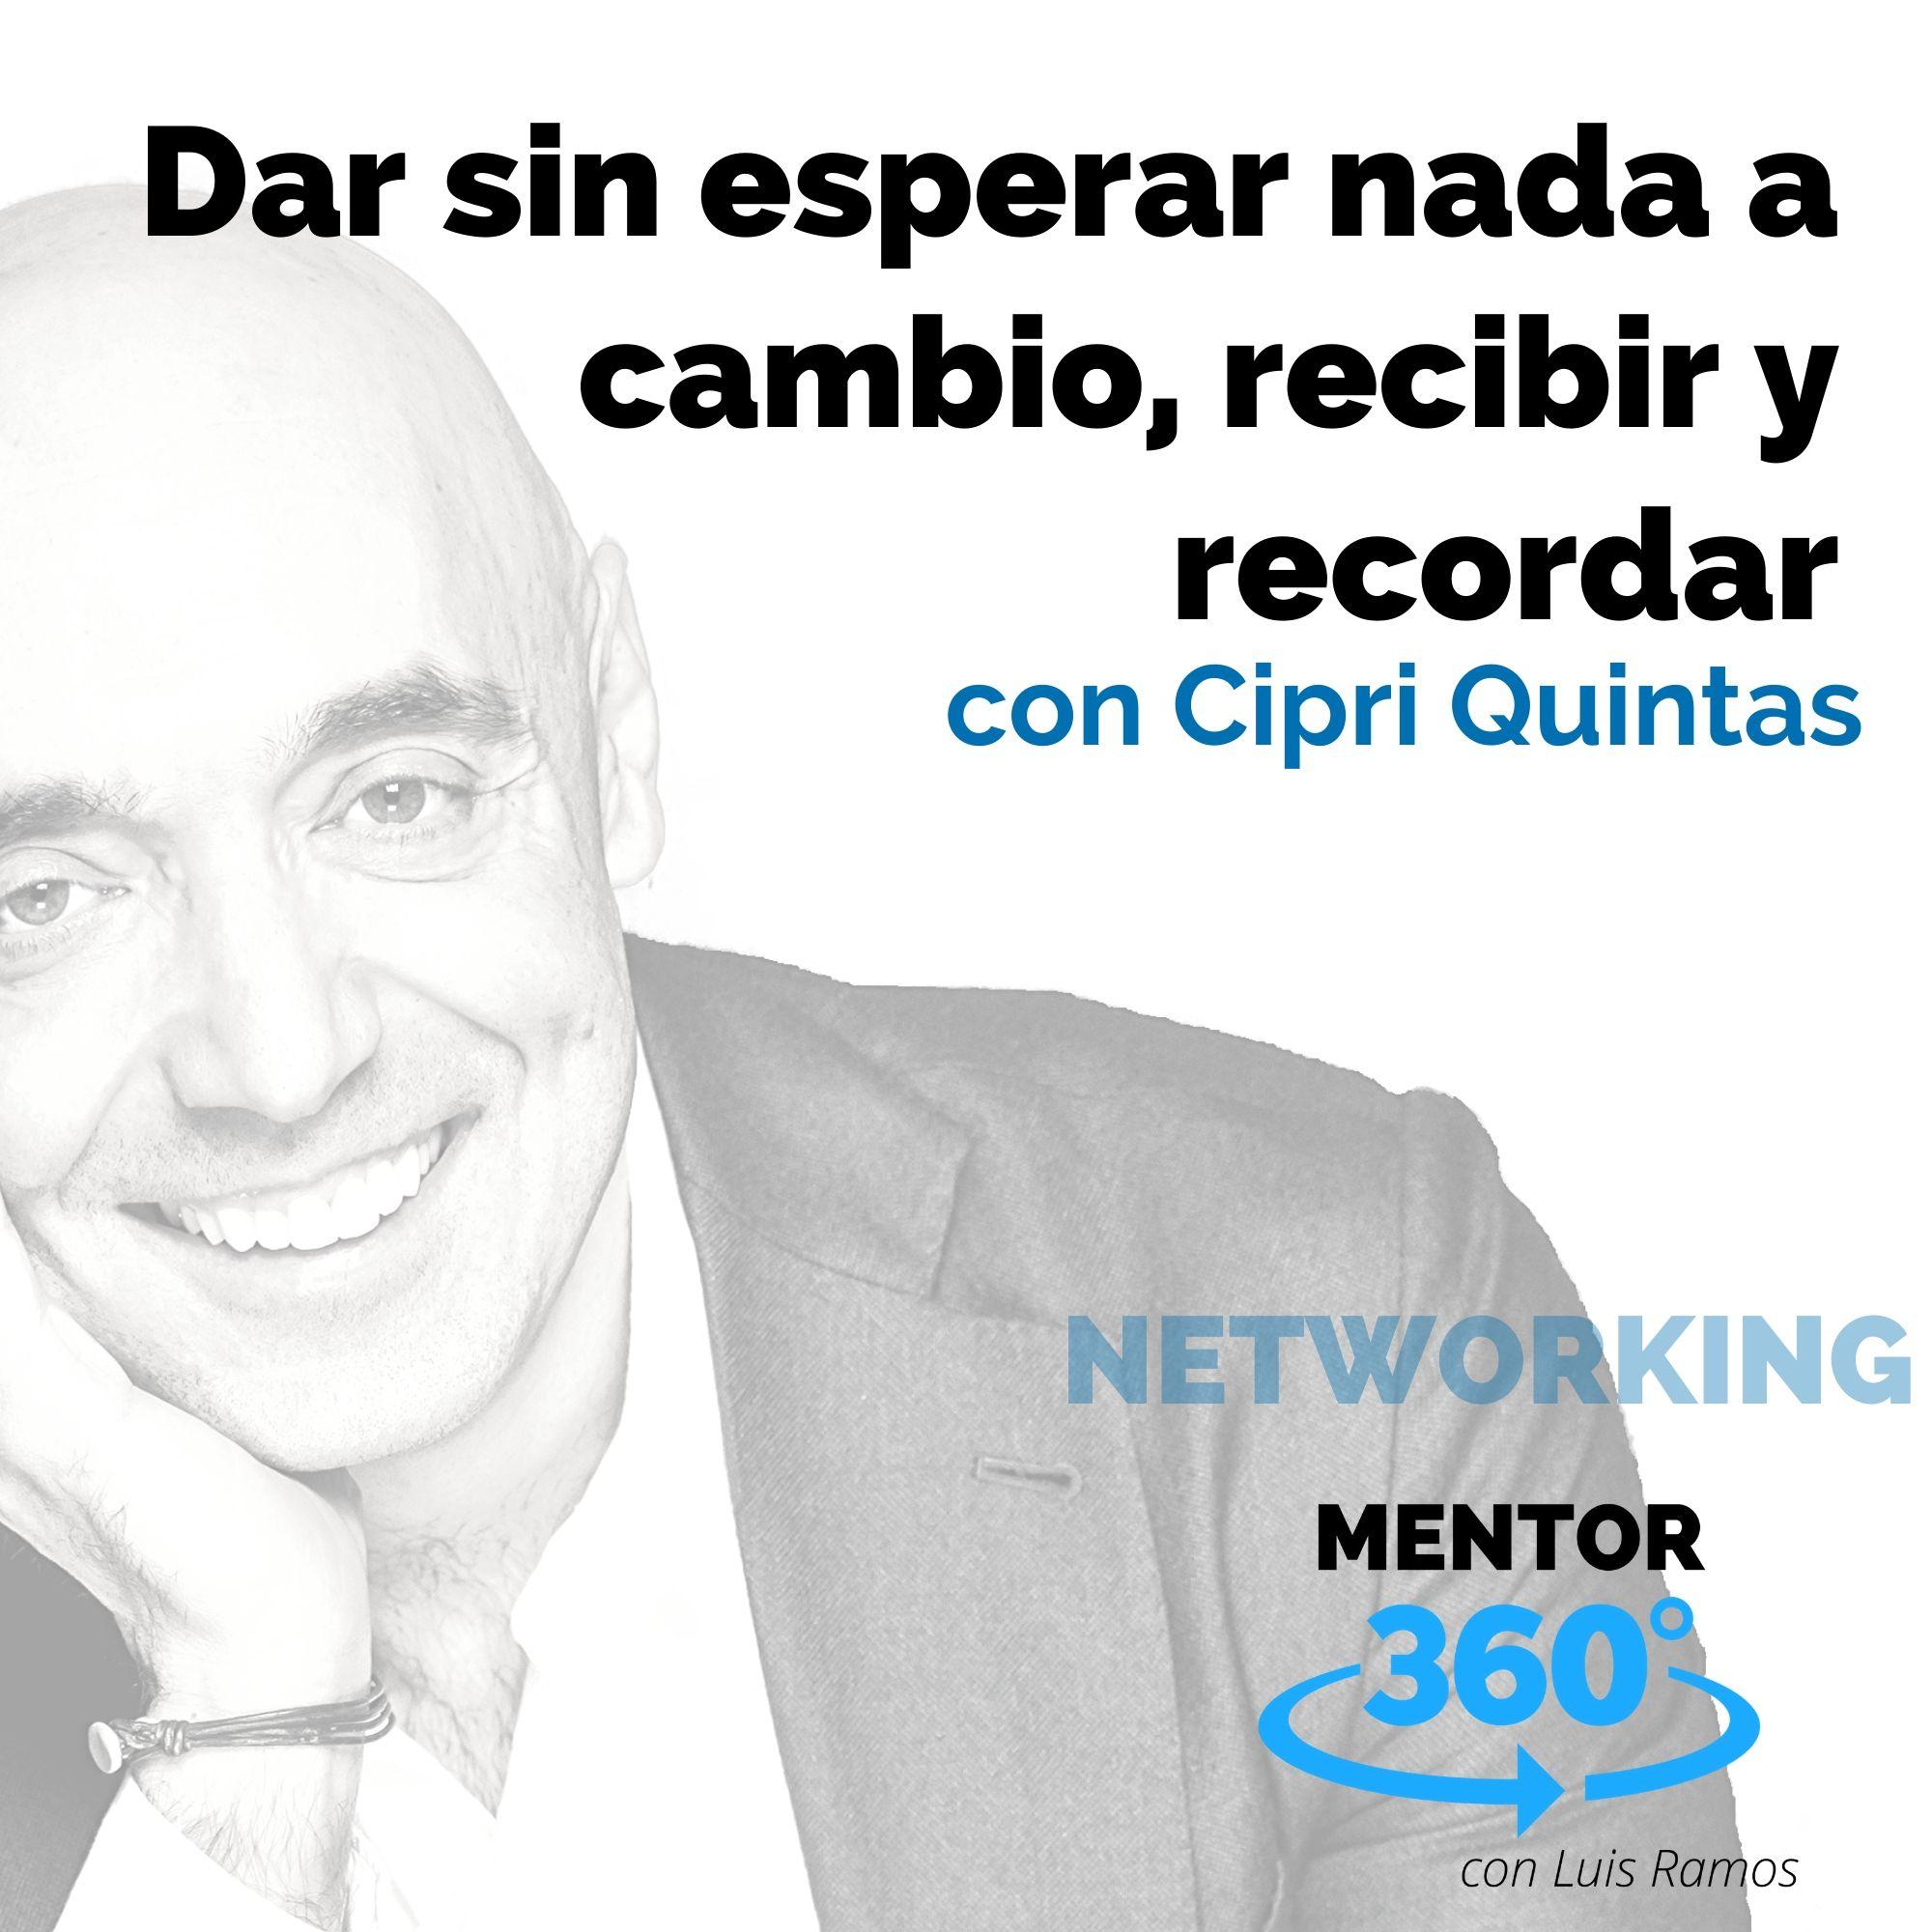 Dar sin esperar nada a cambio, recibir y recordar, con Cipri Quintas - NETWORKING